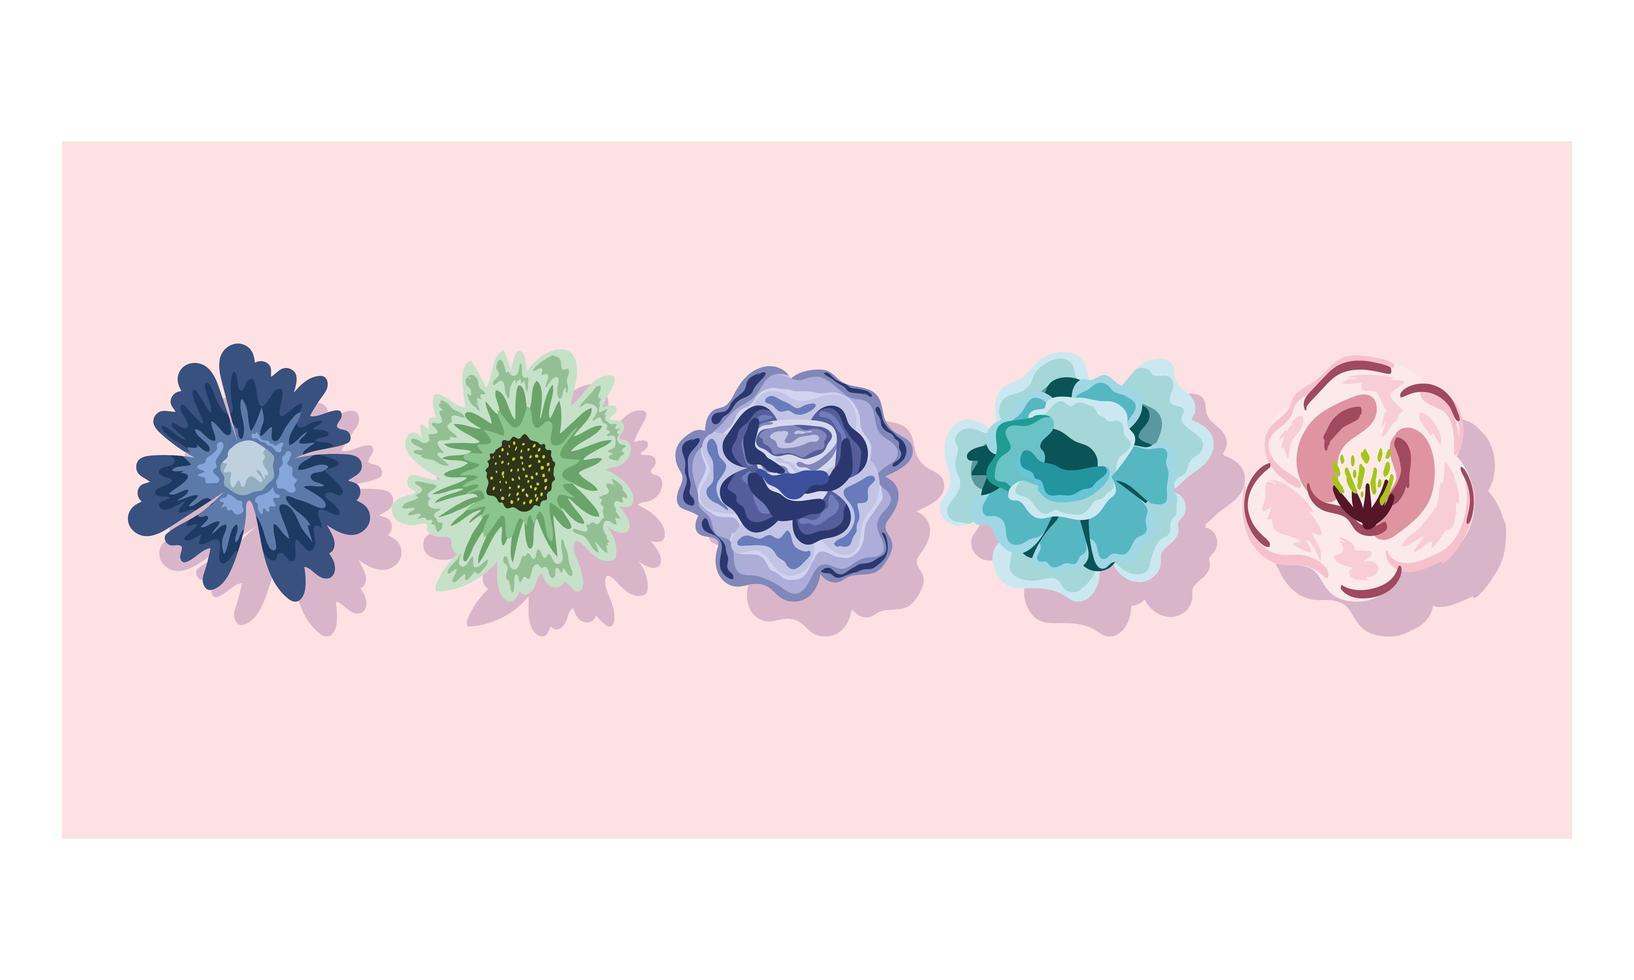 adorno de decoración de flores delicadas. diseño floral de la naturaleza vector